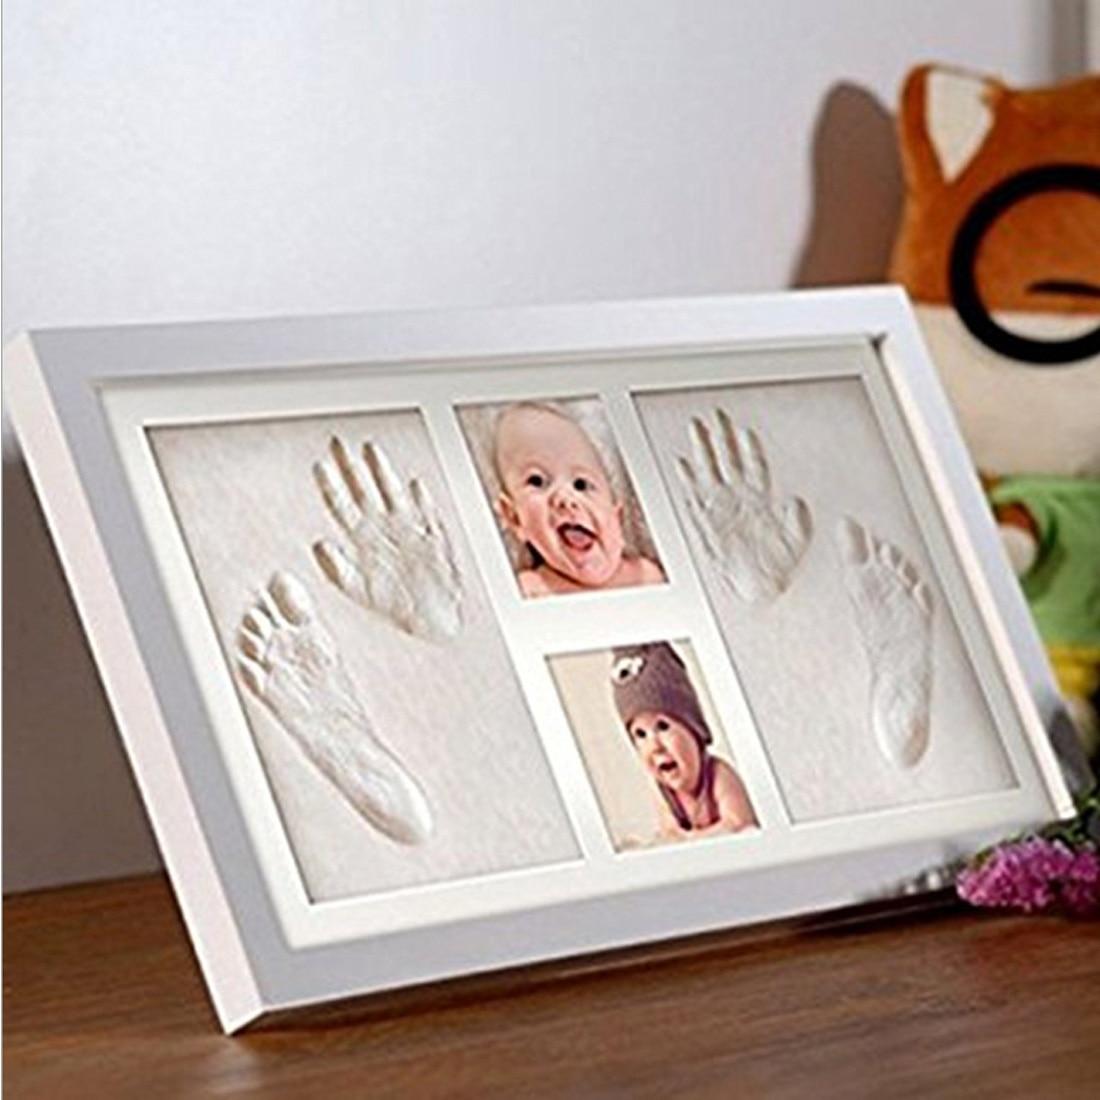 Rose bricolage Photo cadre nouveau-né bébé empreinte de main sans encre tactile Pad fille/garçon bébé douche cadeau décoration - 2